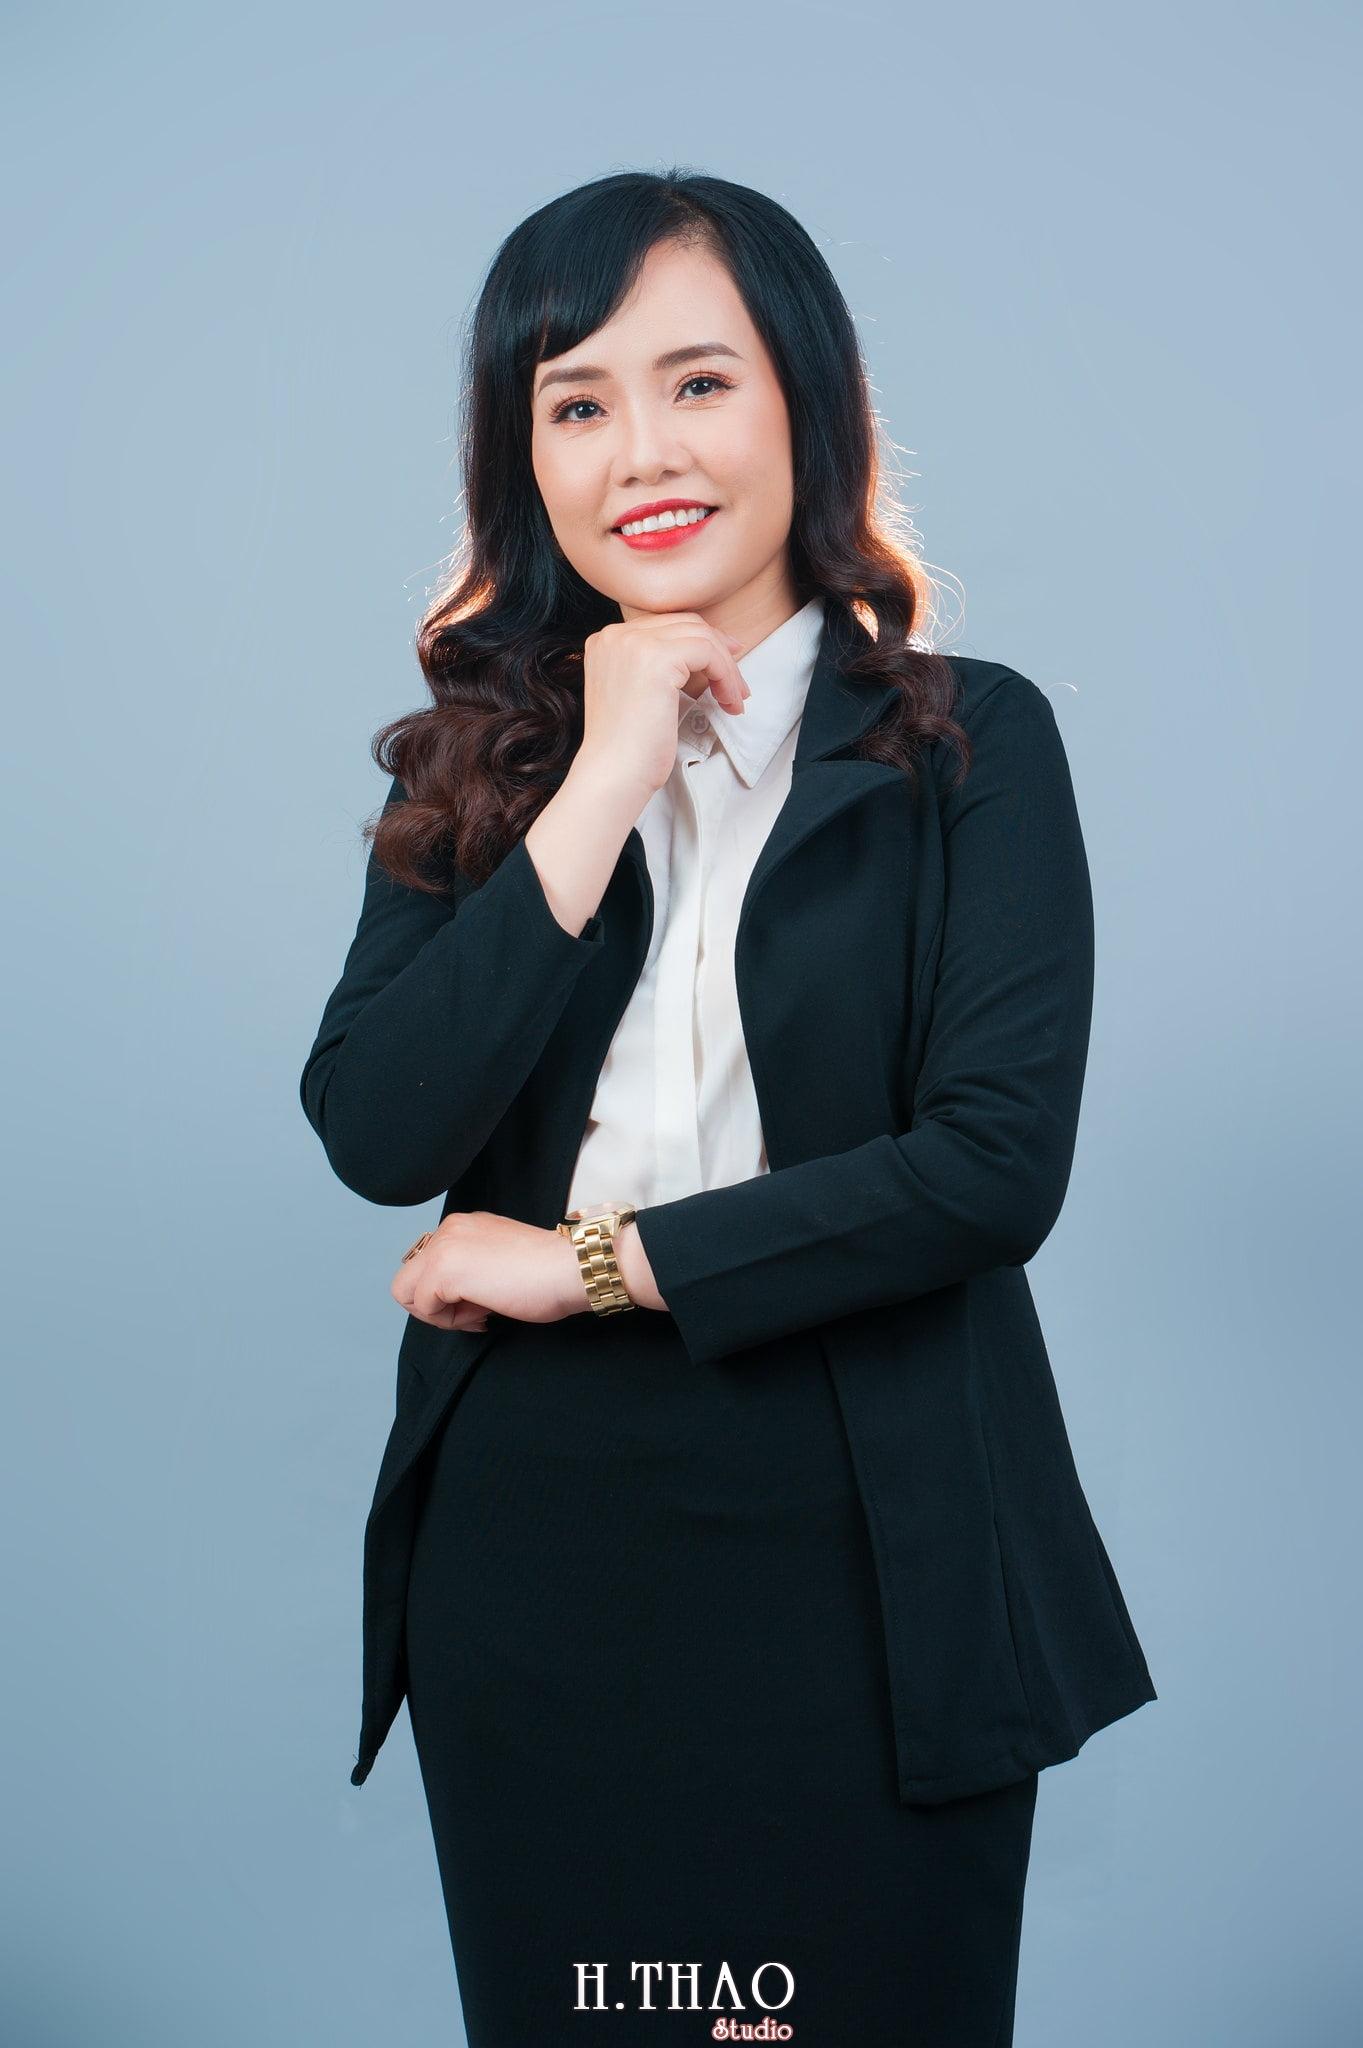 Thu Trang 15 - Chụp ảnh nữ doanh nhân Thu Trang tại HThao Studio – Tp.HCM